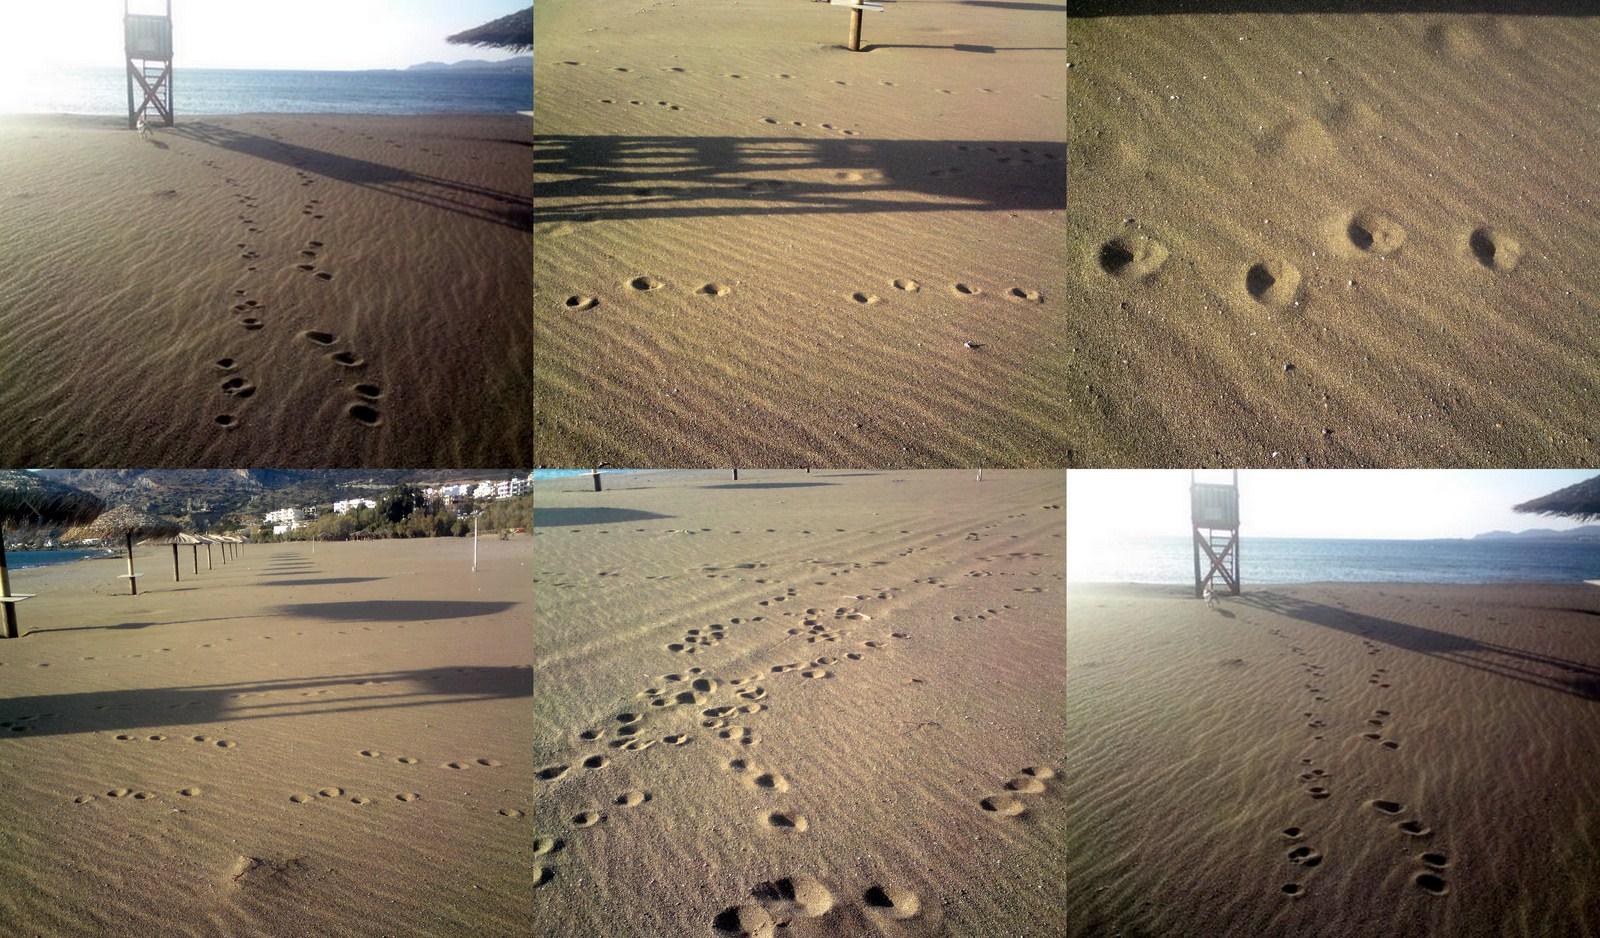 mitsospuren-am-strand-collage